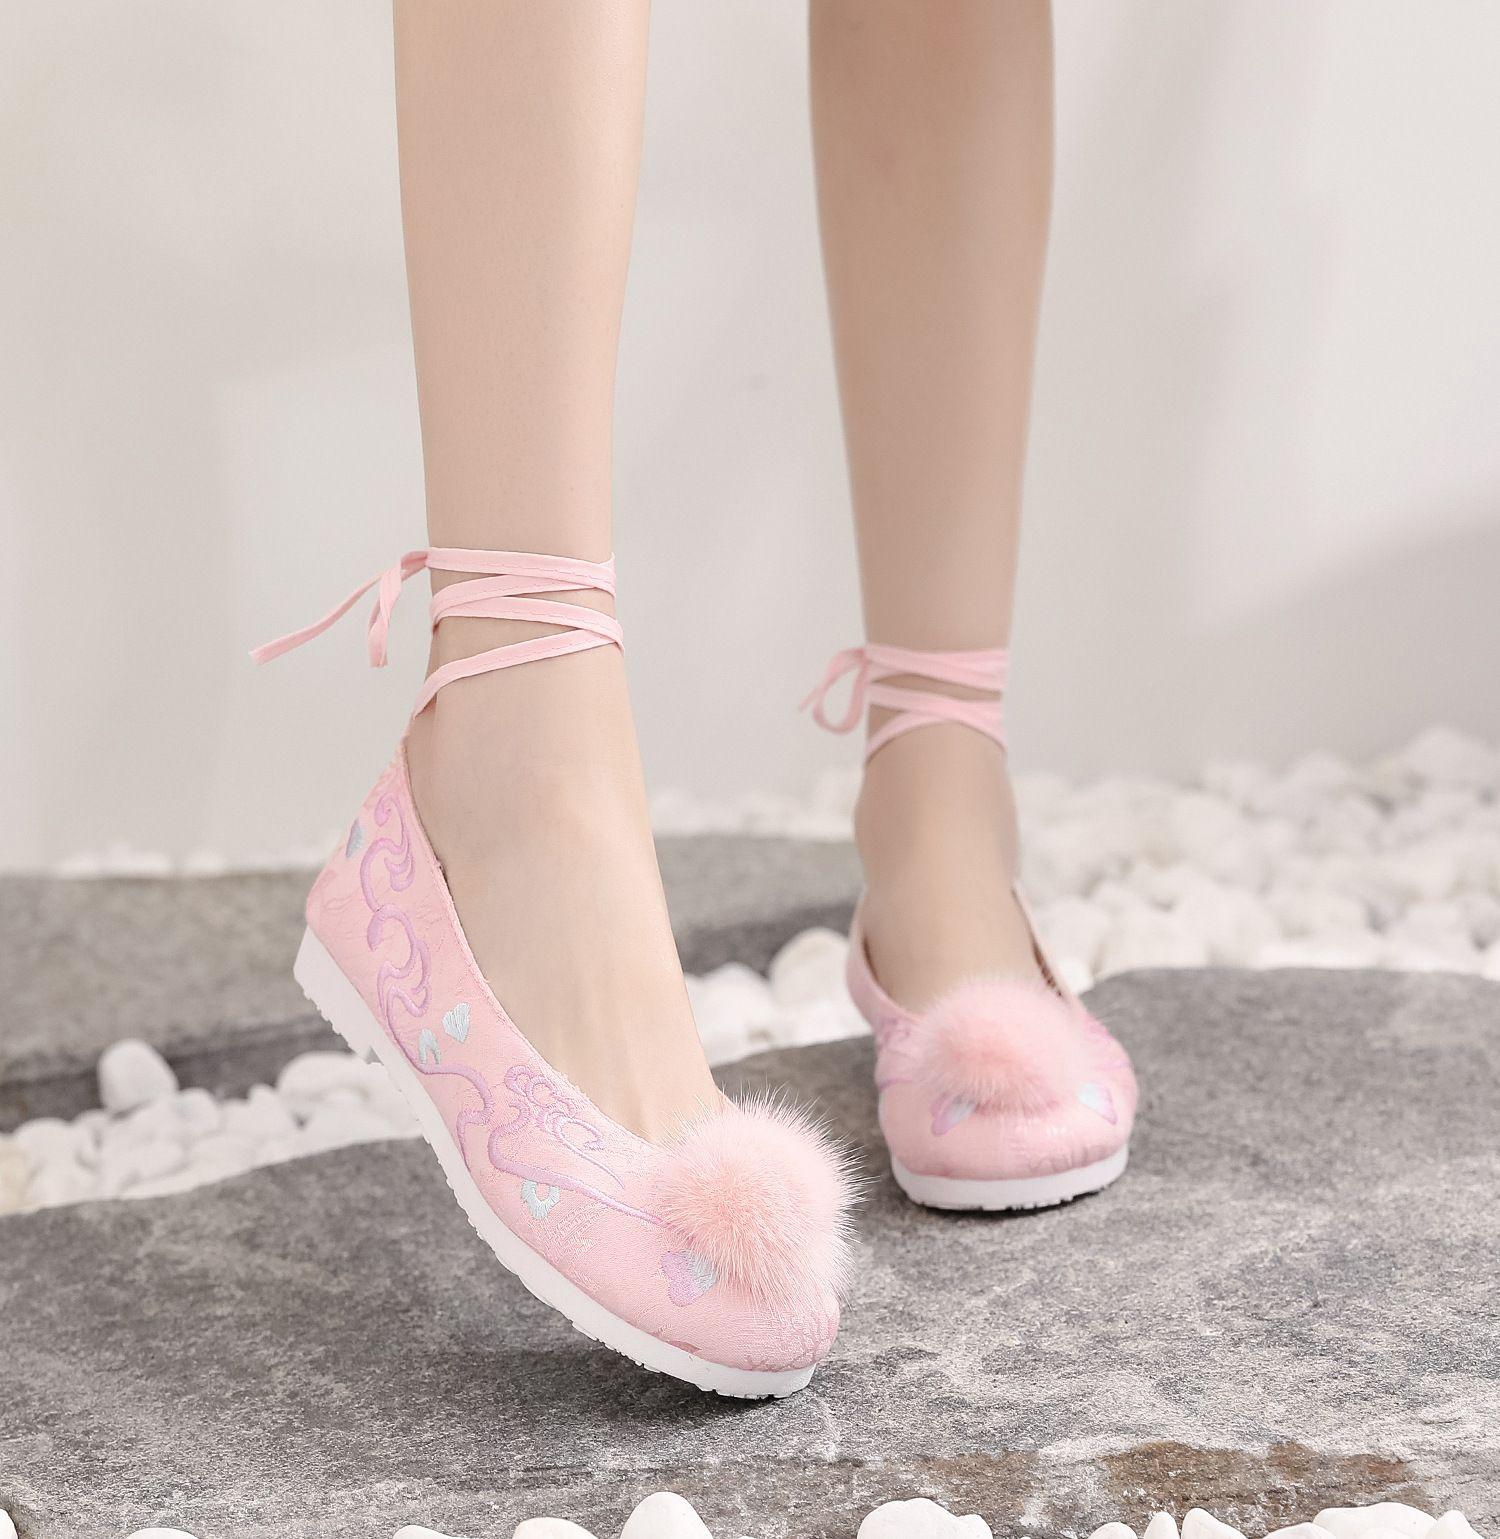 粉红色平底鞋 脚踝绑带粉红色绣花平底鞋少女夏秋配汉服的帆布鞋毛球装饰古装鞋_推荐淘宝好看的粉红色平底鞋